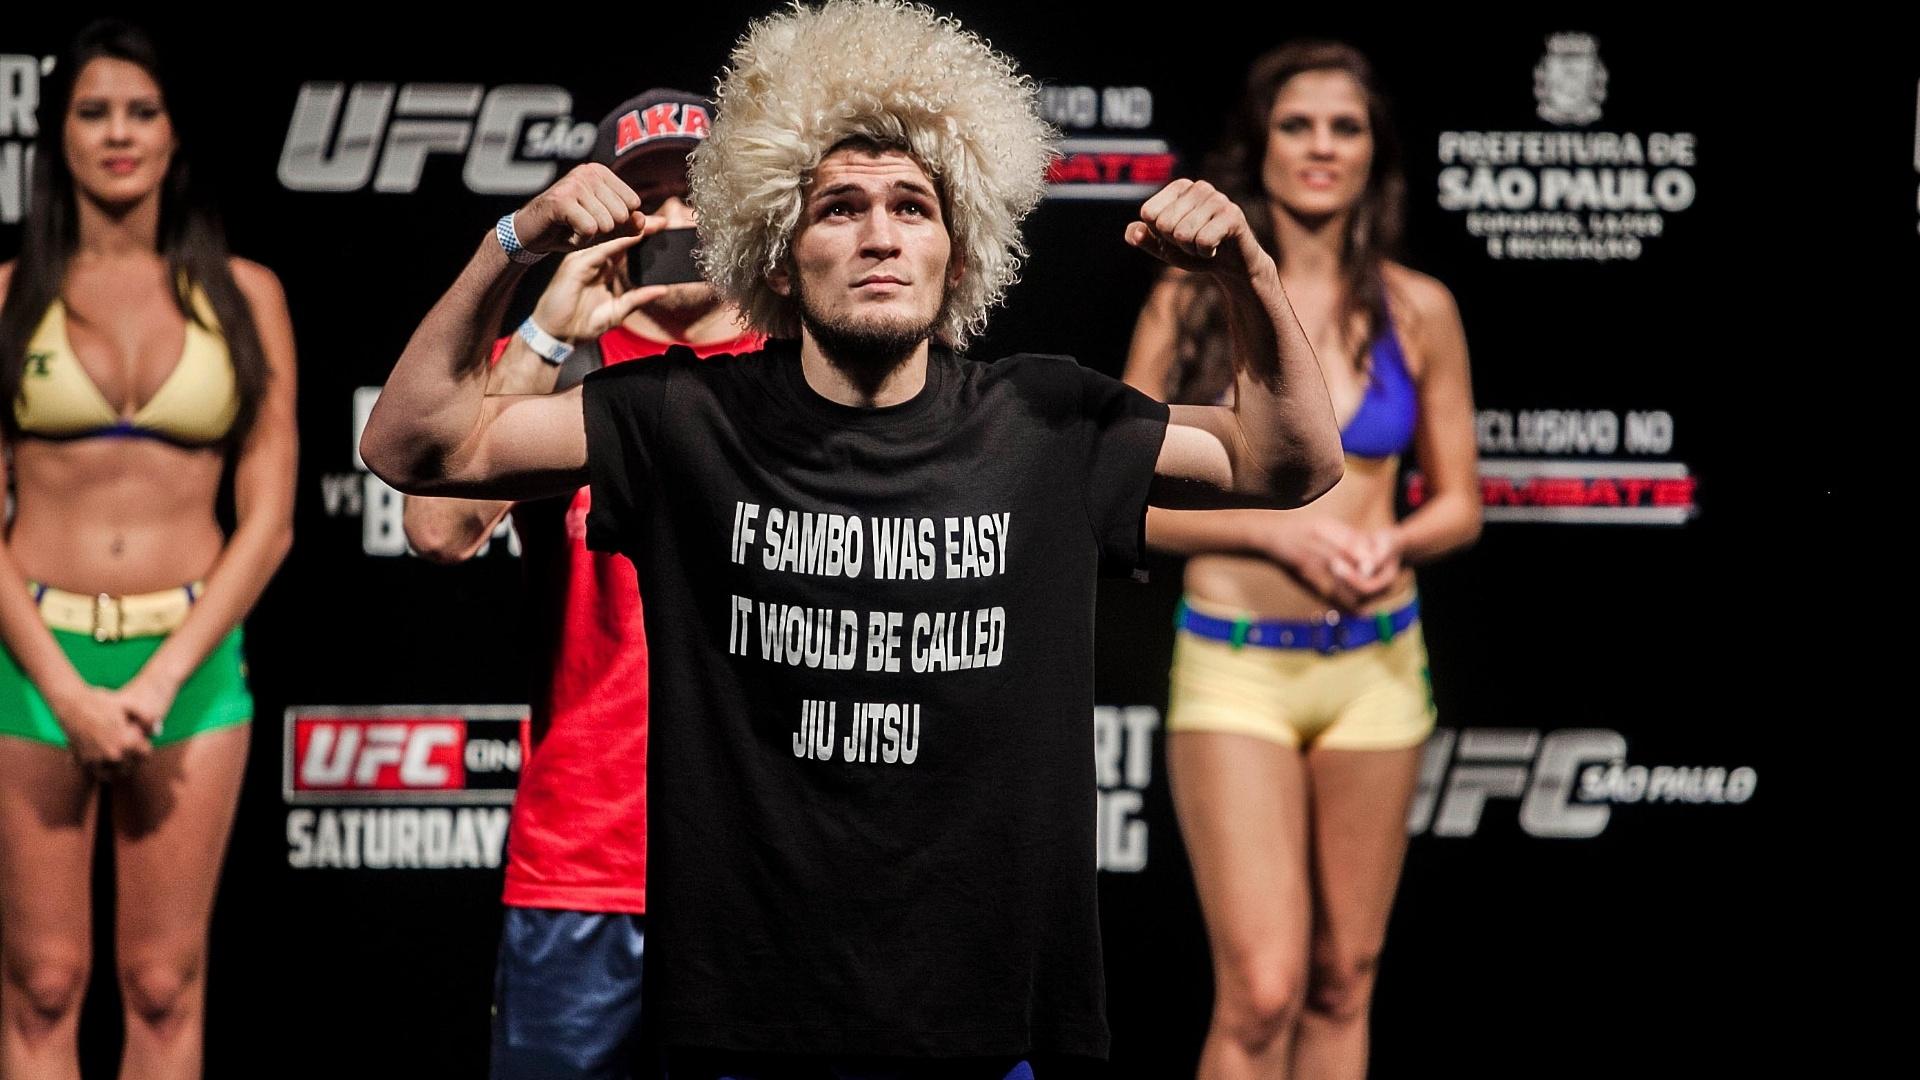 Khabib Nurmagomedov - UFC fighter